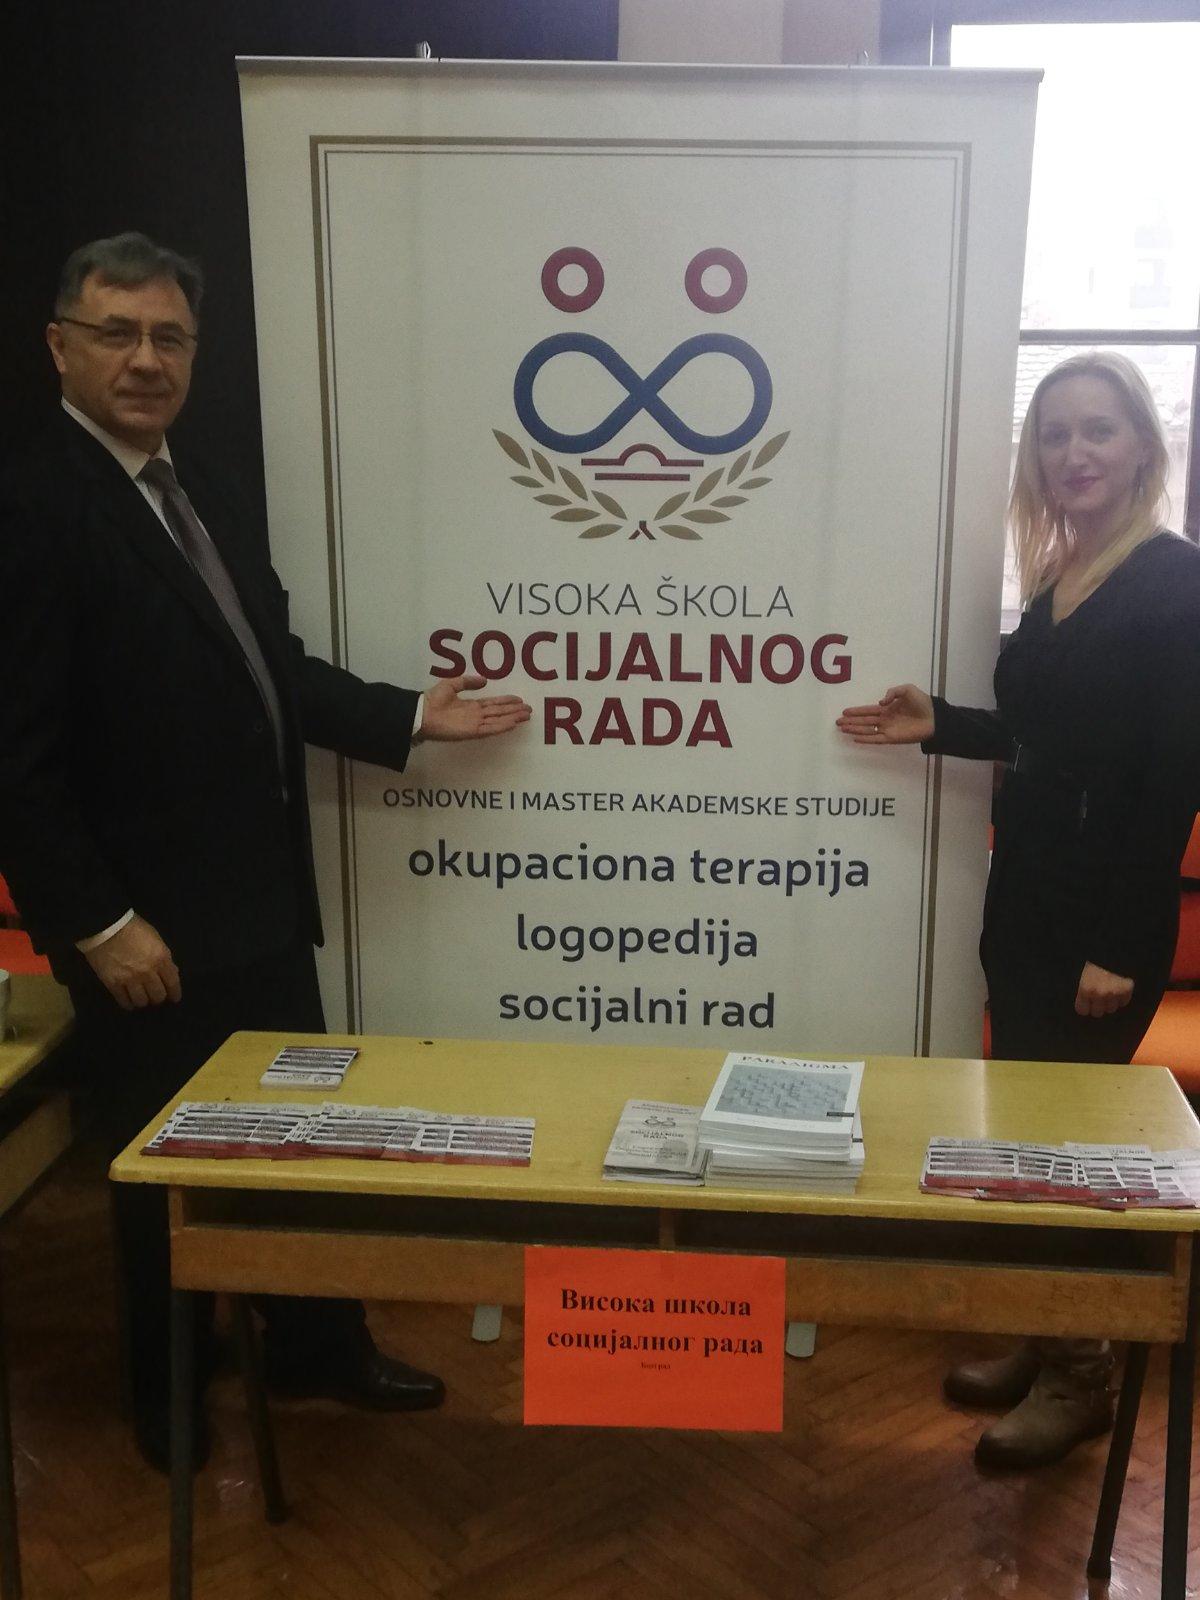 Promocija Visoke škole socijalnog rada na Sajmu obrazovanja u Šapcu